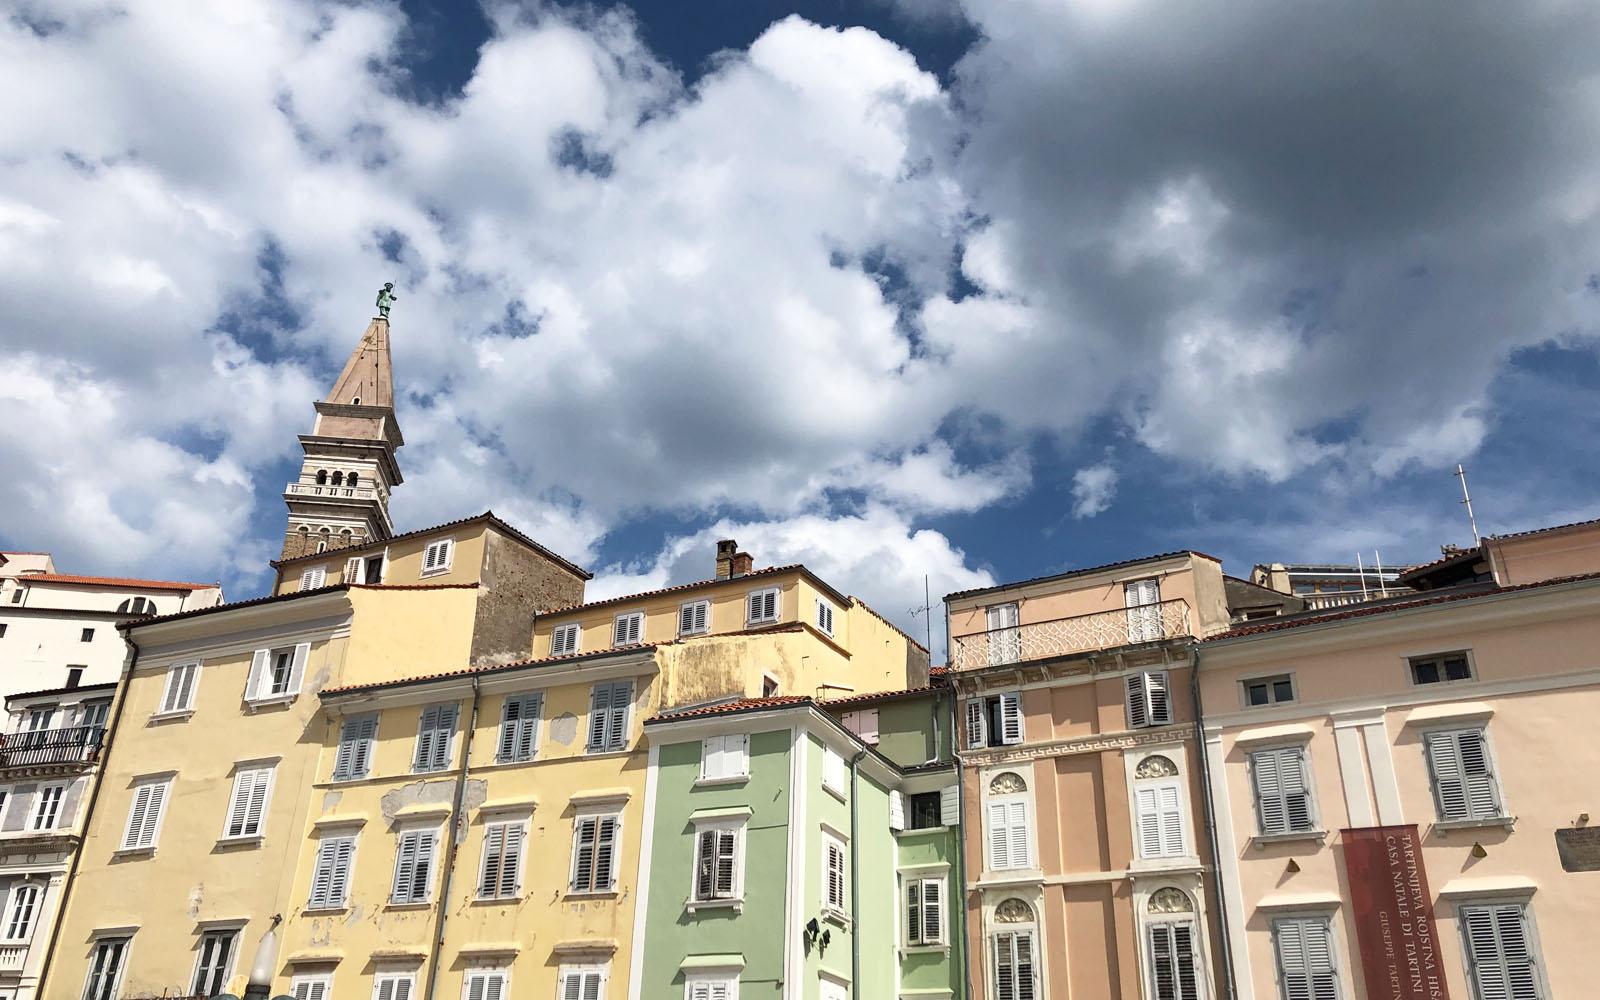 Gli edifici color sorbetto che affacciano su piazza Tartini, a Pirano.